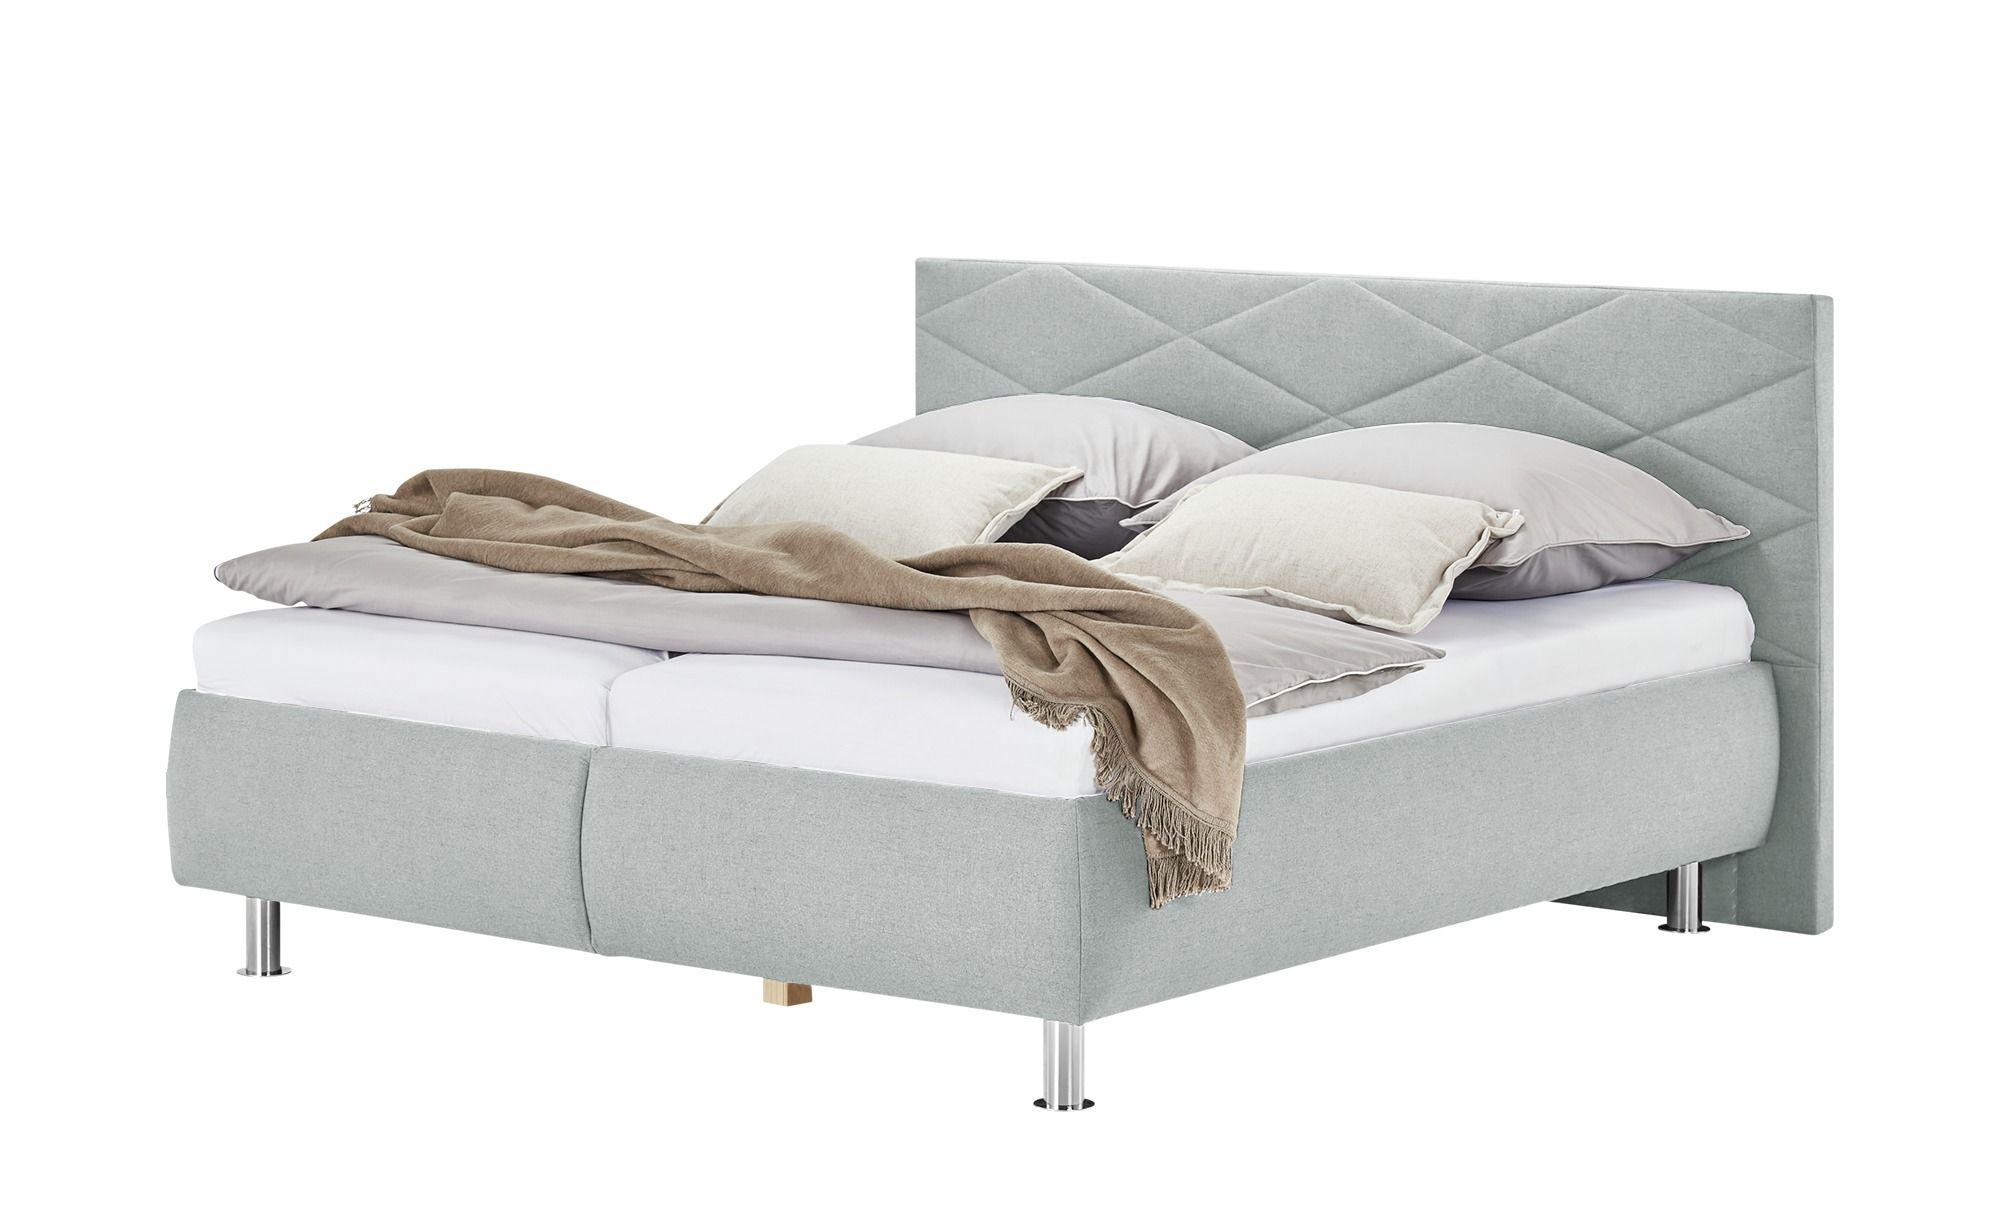 Polsterbett Kos Polsterbett Bett Mobel Und Einzelbett Mit